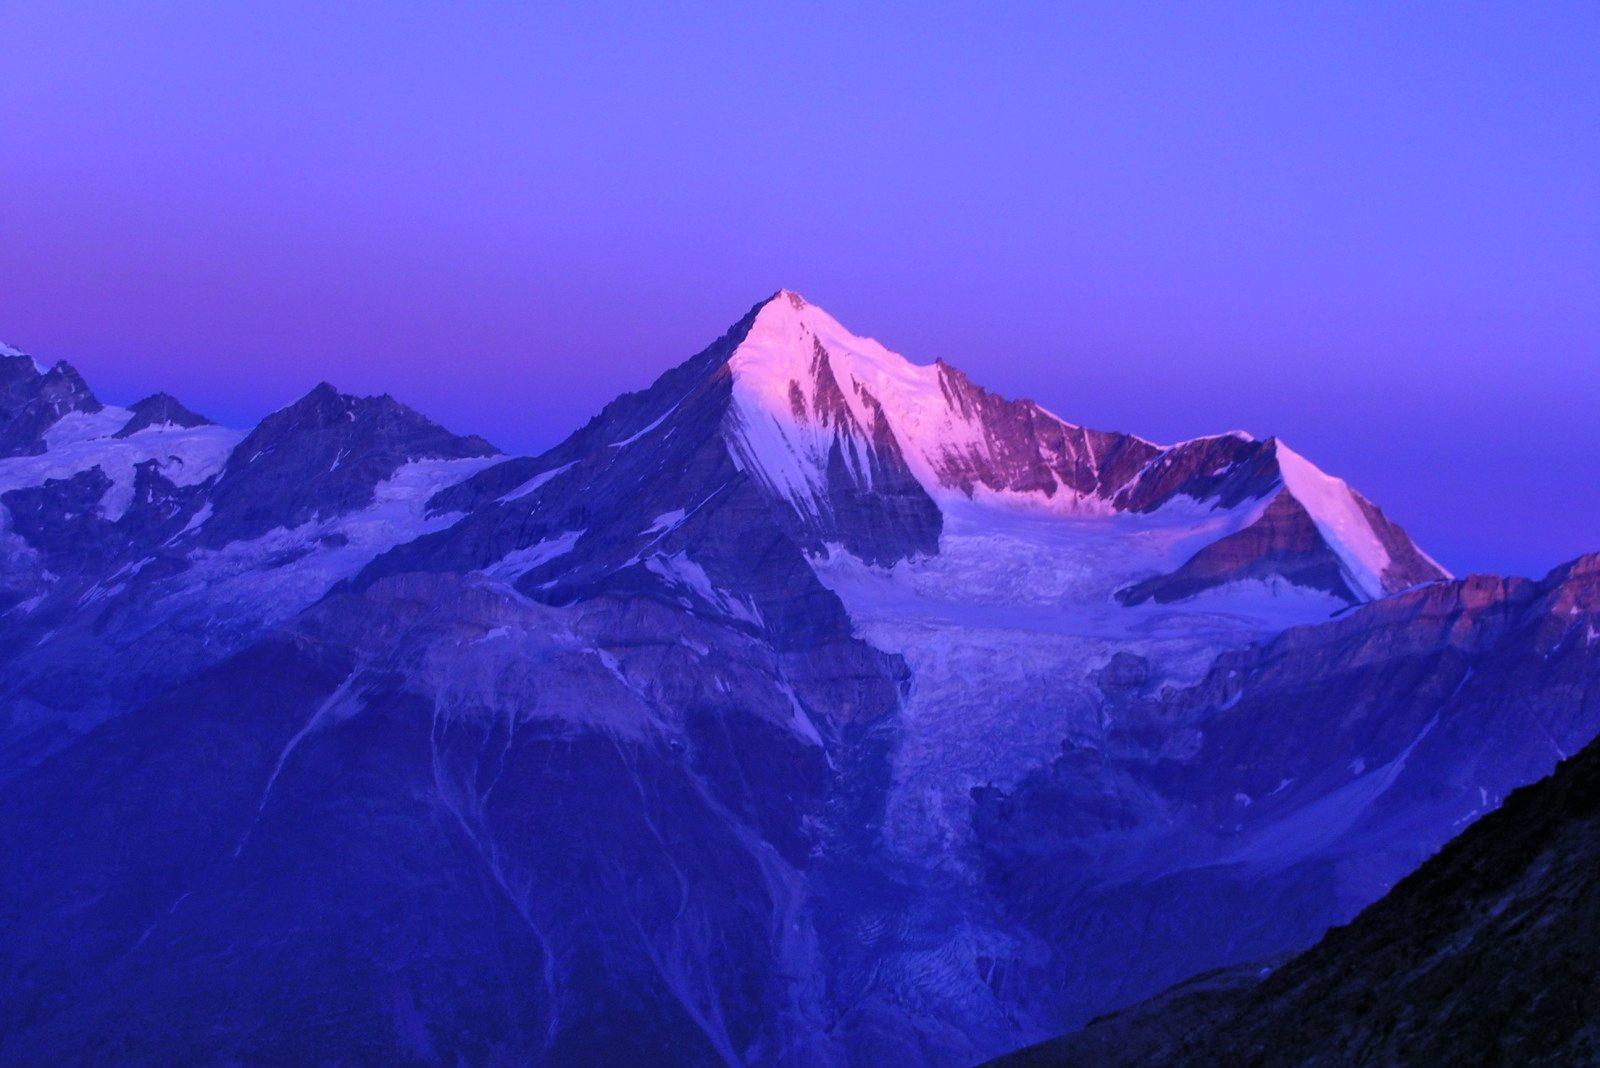 Fantastiche ascensioni oltre 4000m scelte dalle guide di Mountain Kingdom